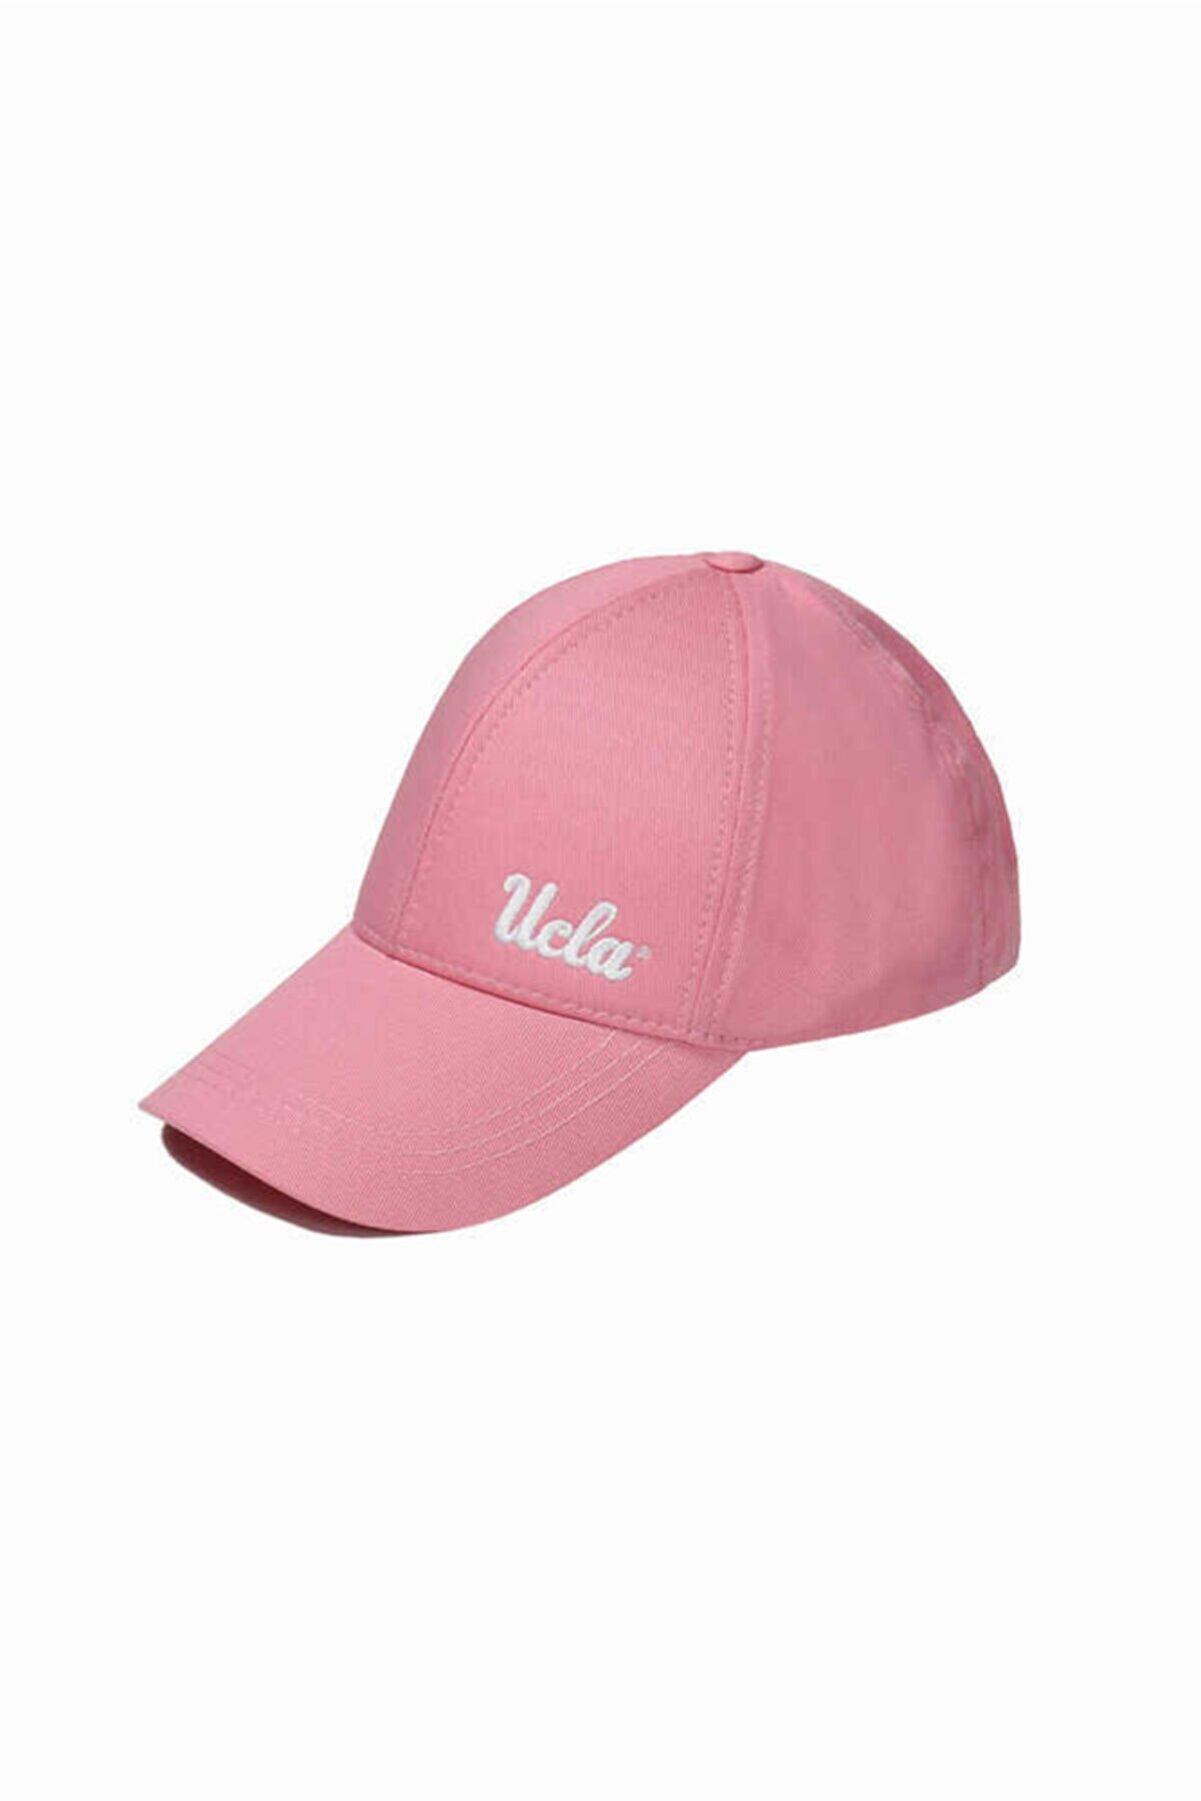 Ucla Jenner Pembe Baseball Cap Nakışlı Şapka